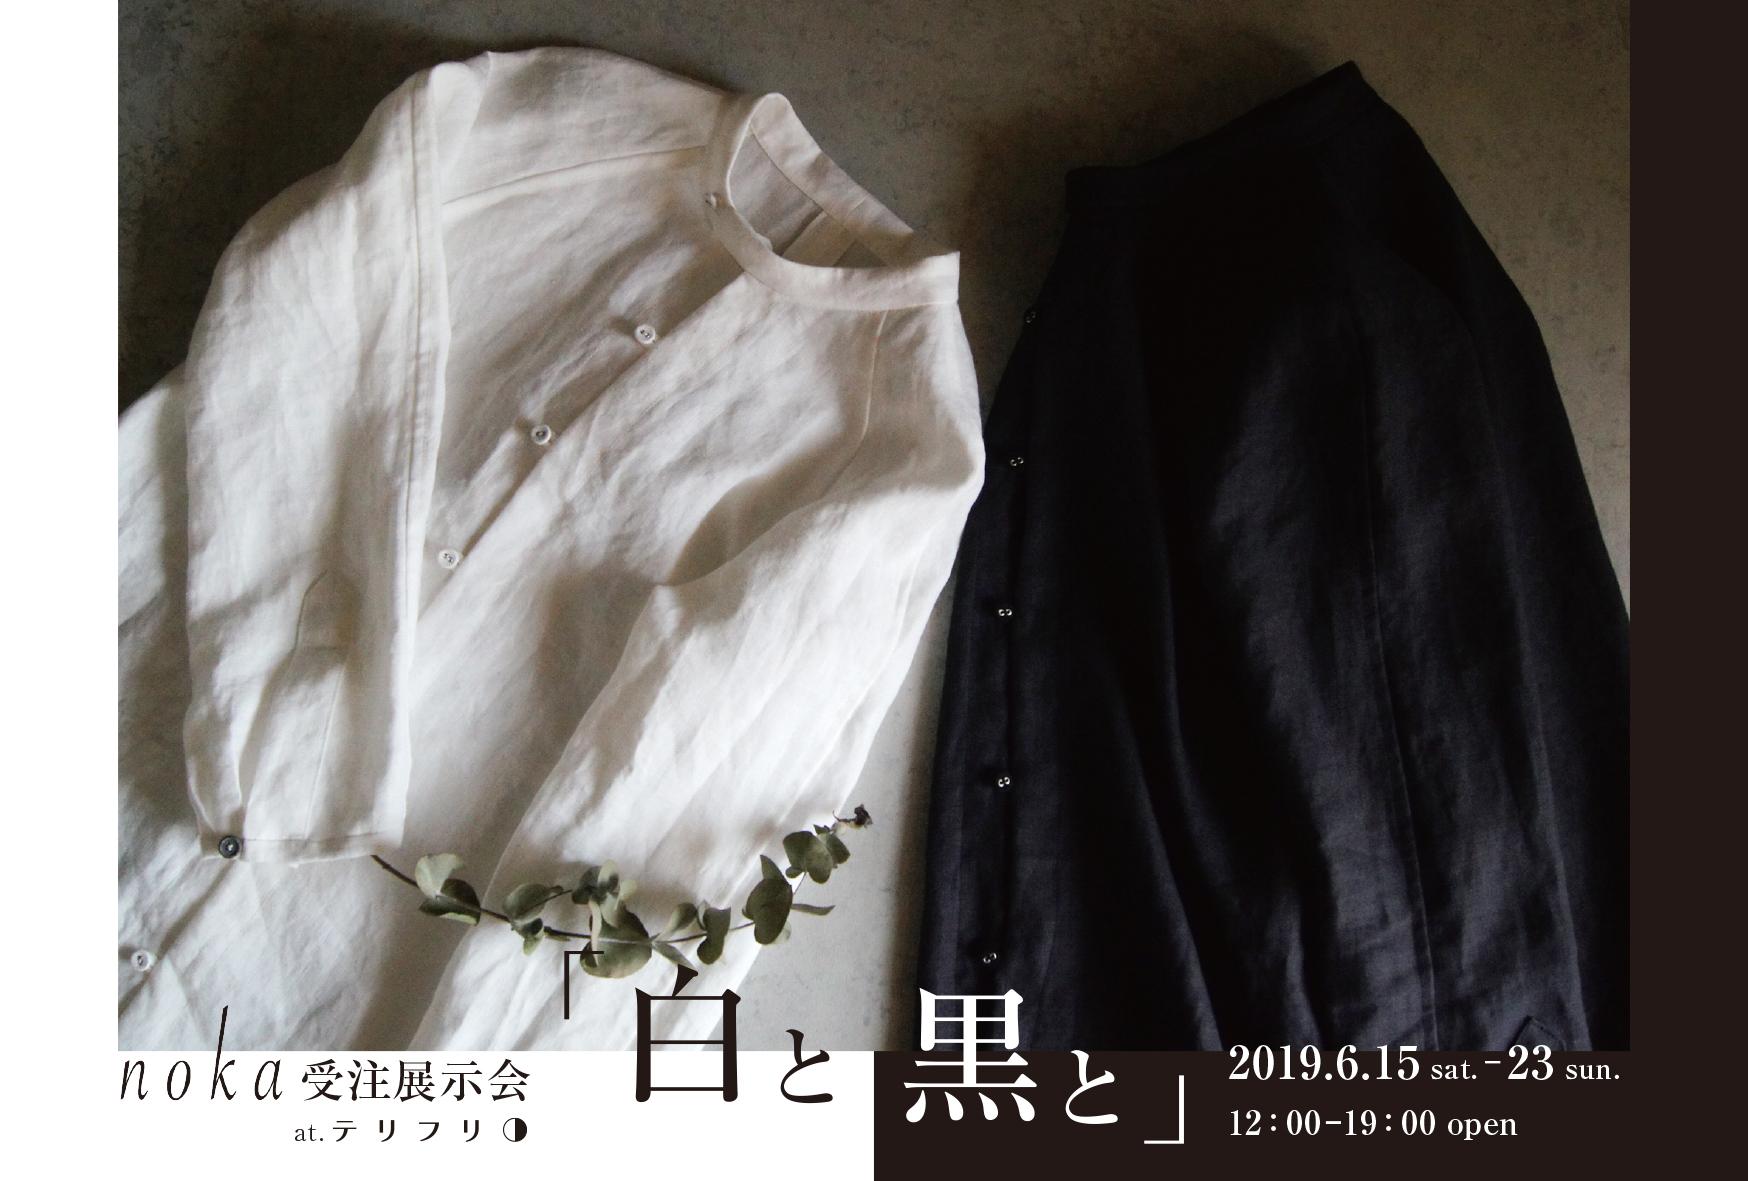 """リネン素材でつくられた日々の服を展開する""""noka""""というブランドのDM。福井市にあるセレクト雑貨ショップテリフリにて展示会開催予定。福井の女性を応援するくらし情報、くらしくふくい。"""